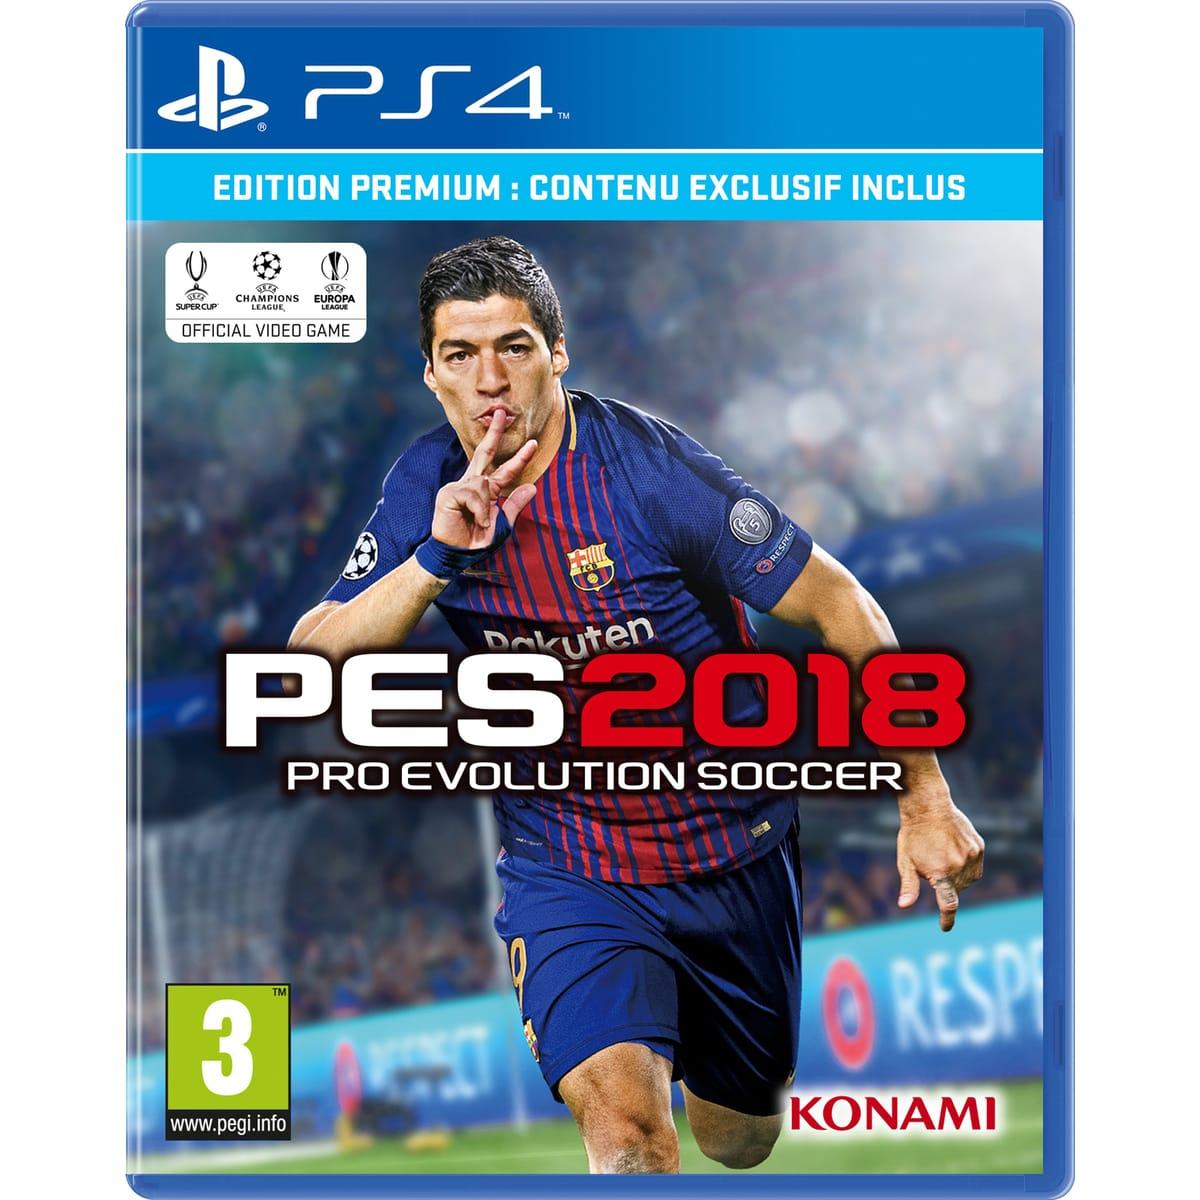 Pro Evolution Soccer 2018 - Edition Premium sur PS4